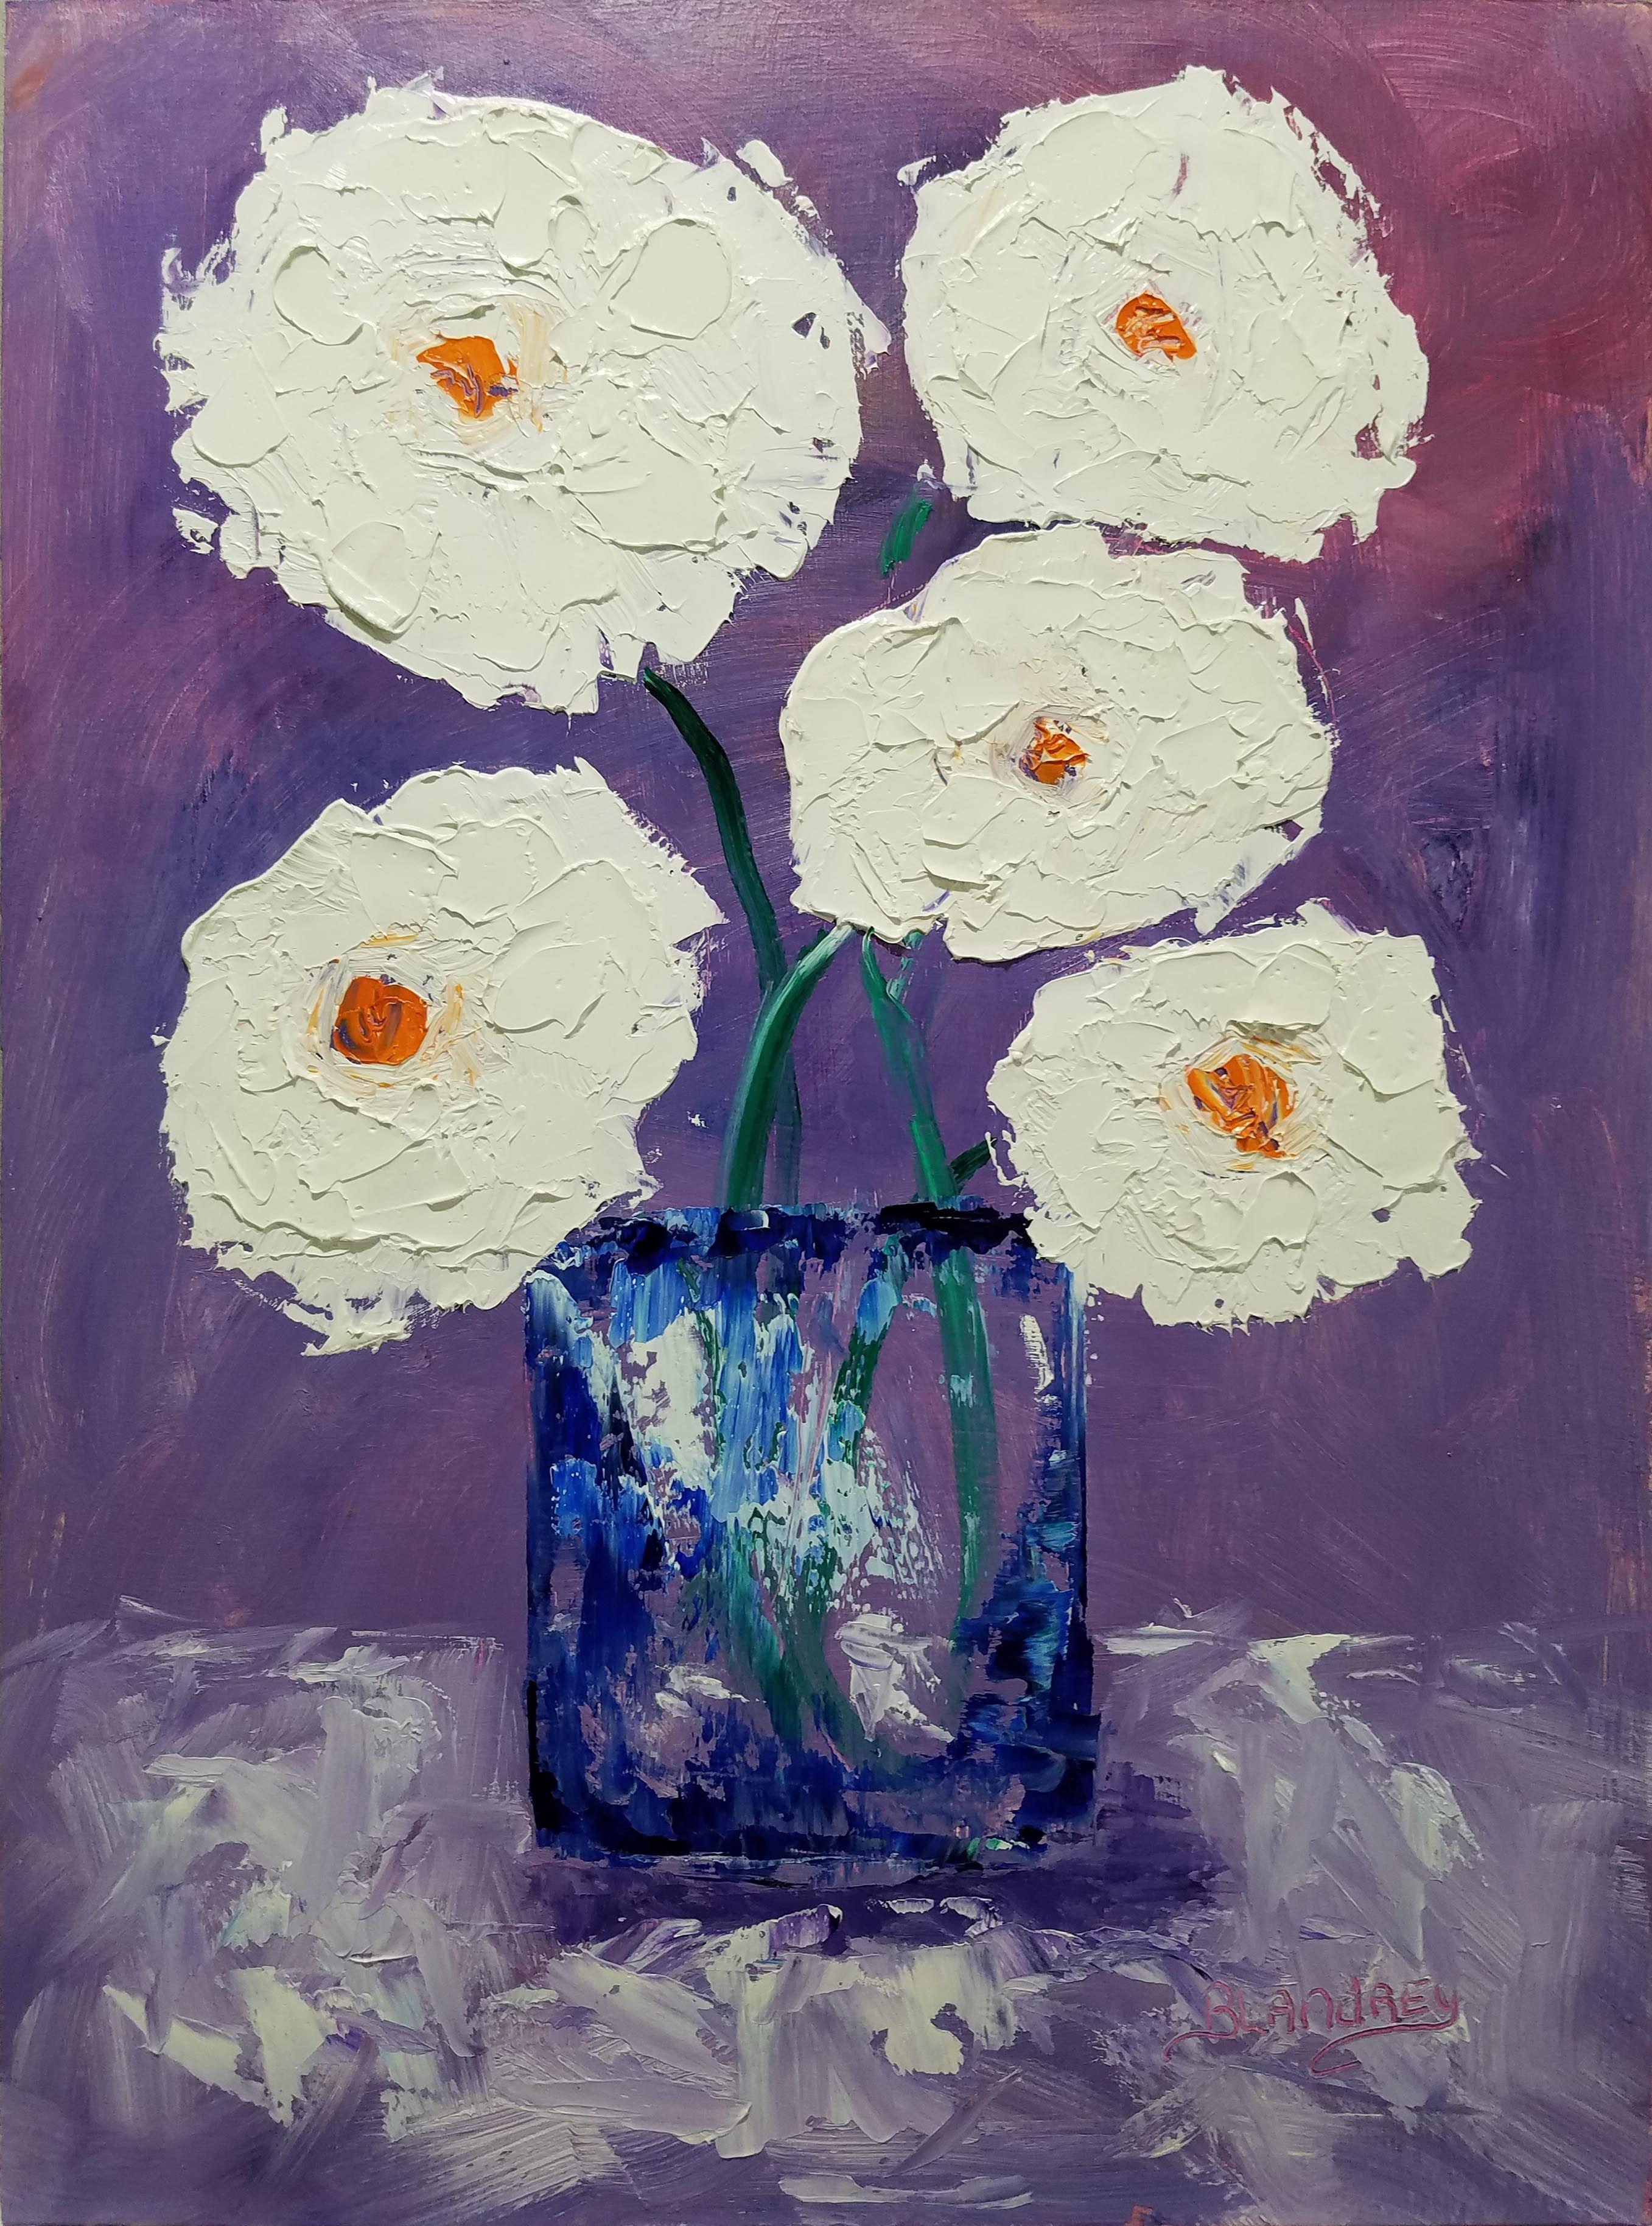 Benitalandreyfineart On Etsy White Flowers Blue Vase Oil Painting